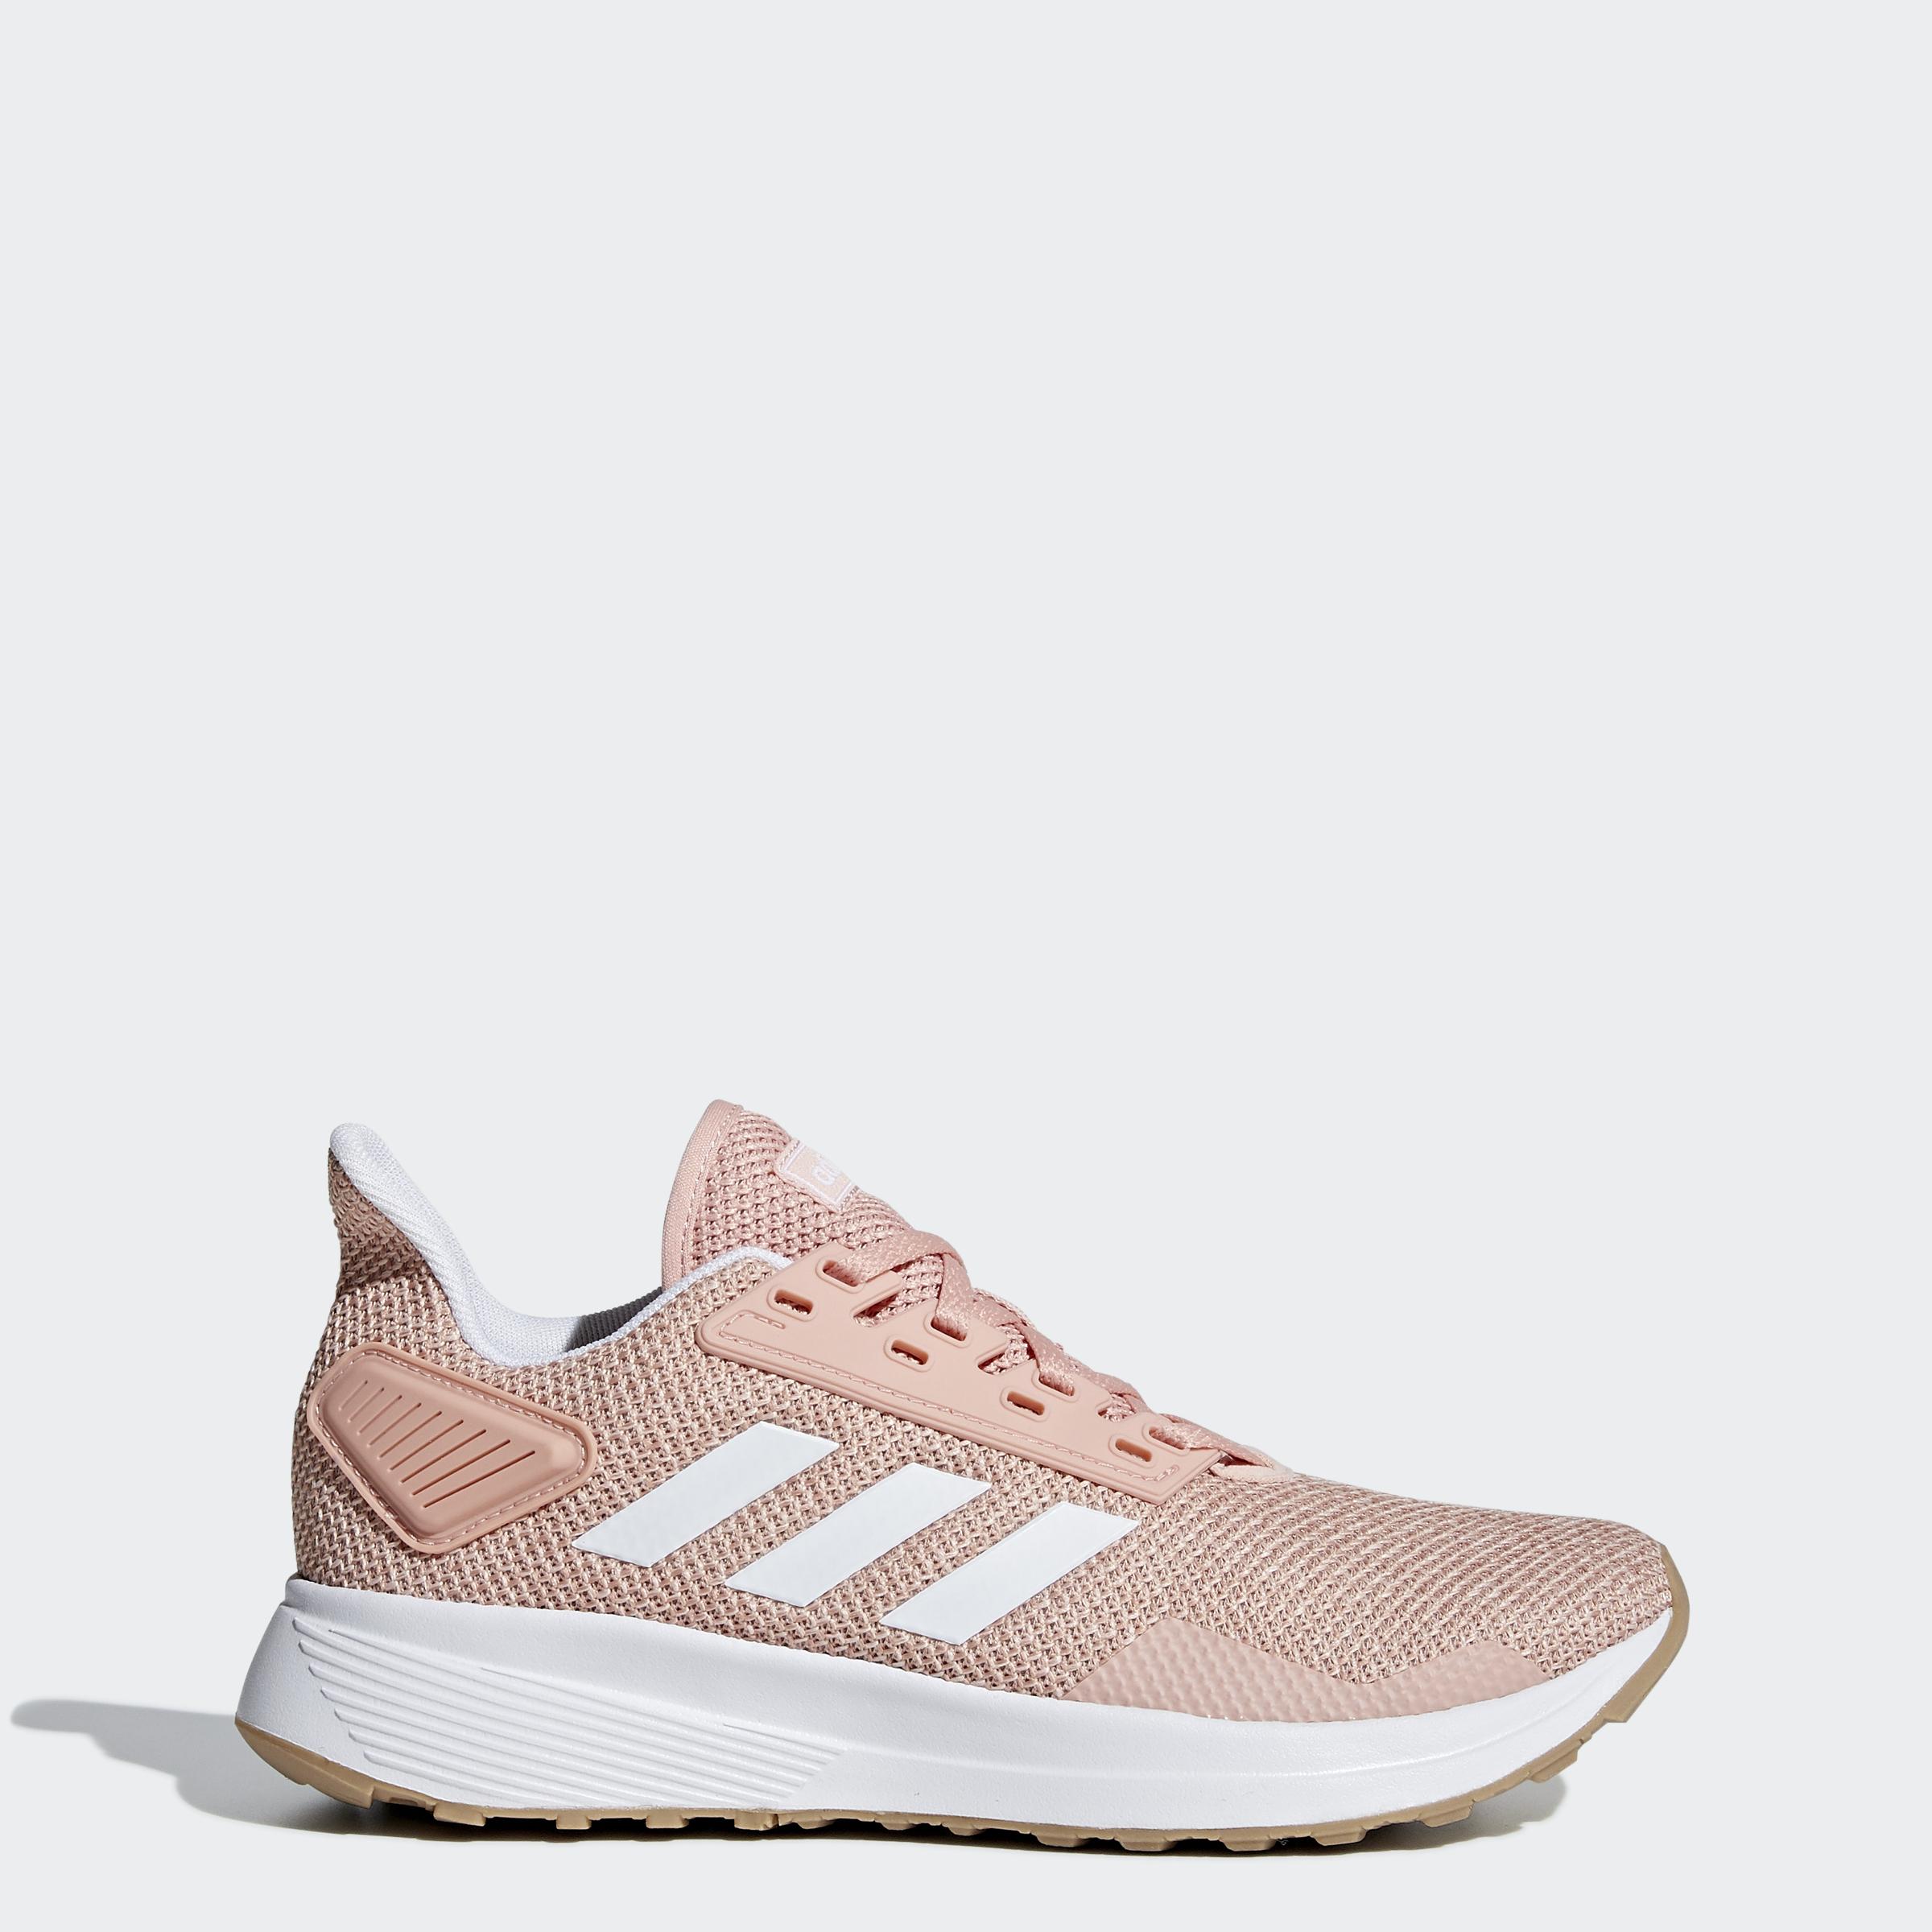 Adidas 'superstar' Sneakers Damen Pink Activewear Sport